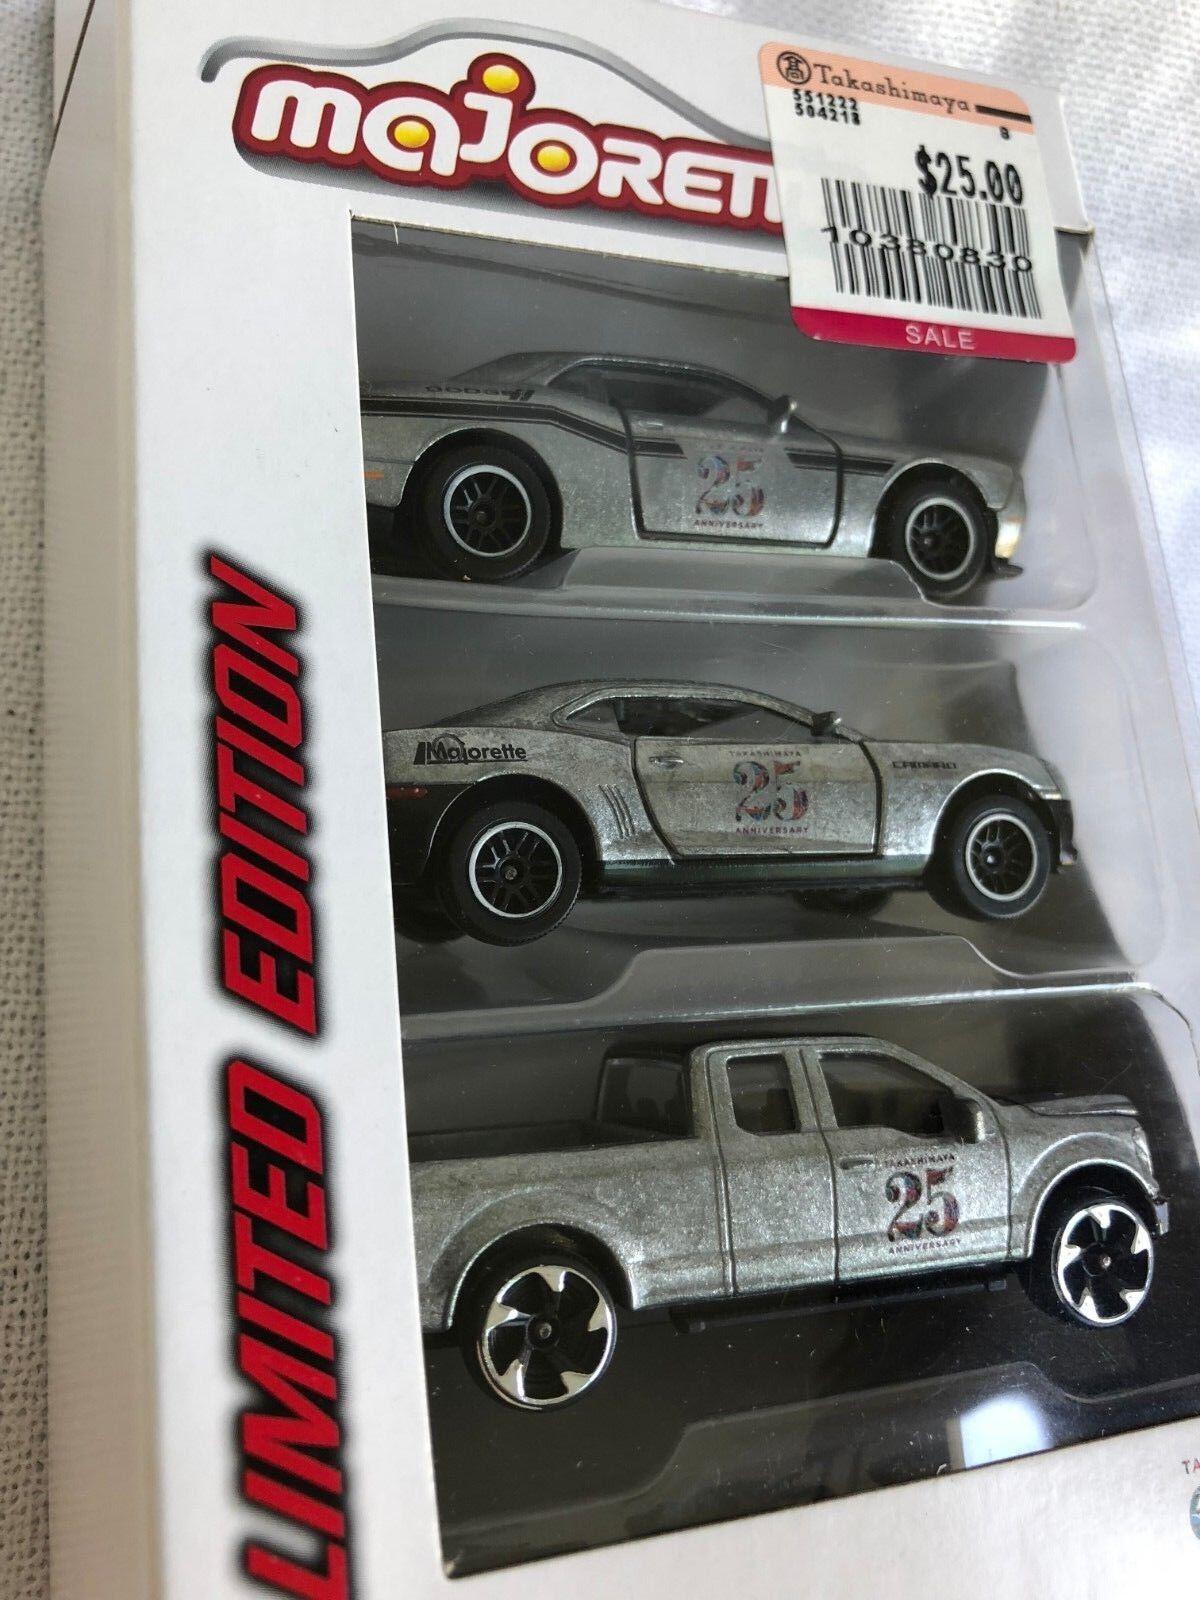 Majorette Takashimaya 25 anniversarry Edición limitada conjunto de 3 modelo de coche